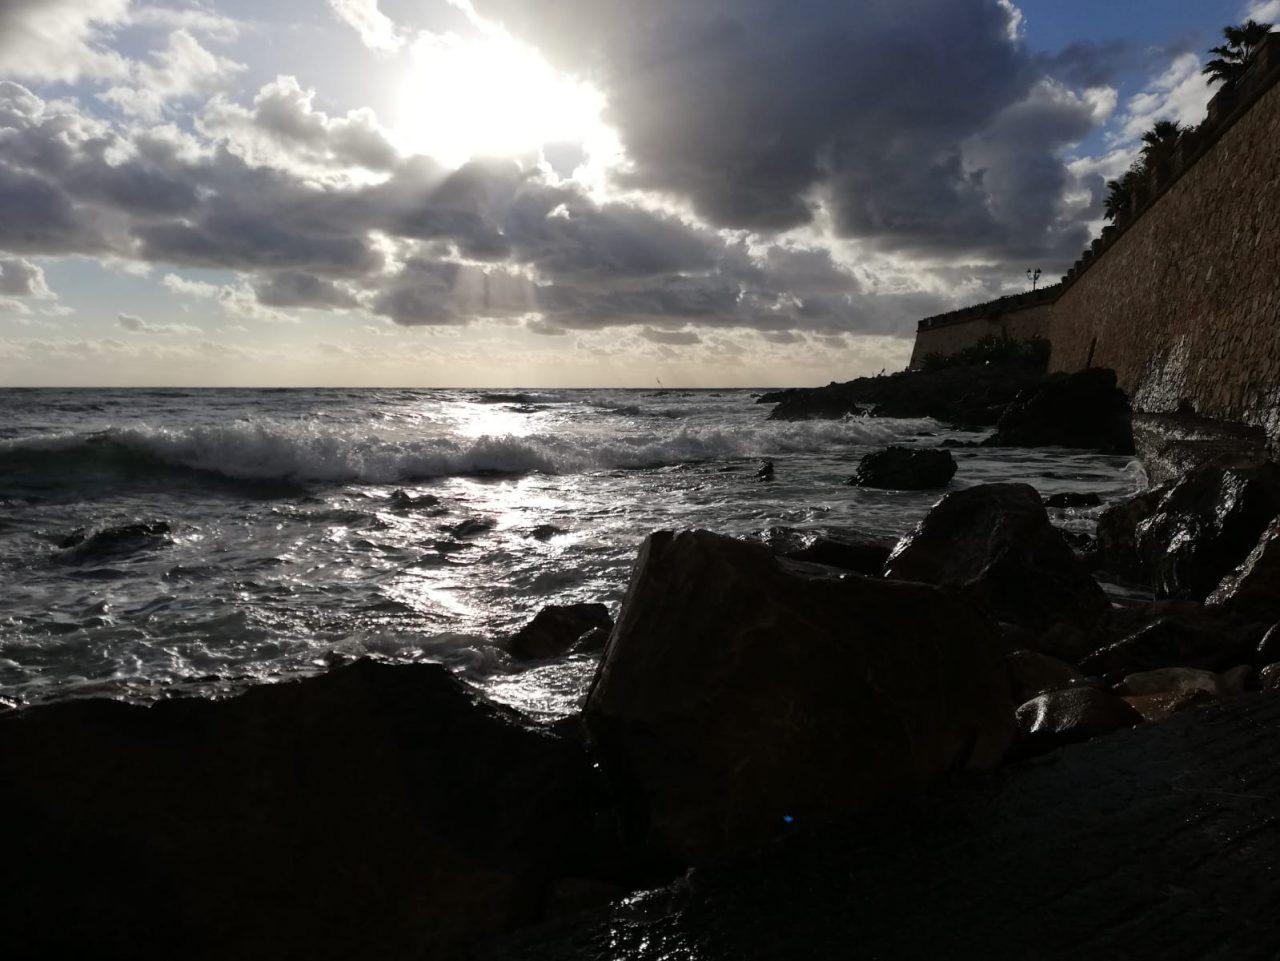 WhatsApp Image 2020 10 16 at 17.25.52 scaled - Alghero al tramonto saluta il brutto tempo. Galleria foto